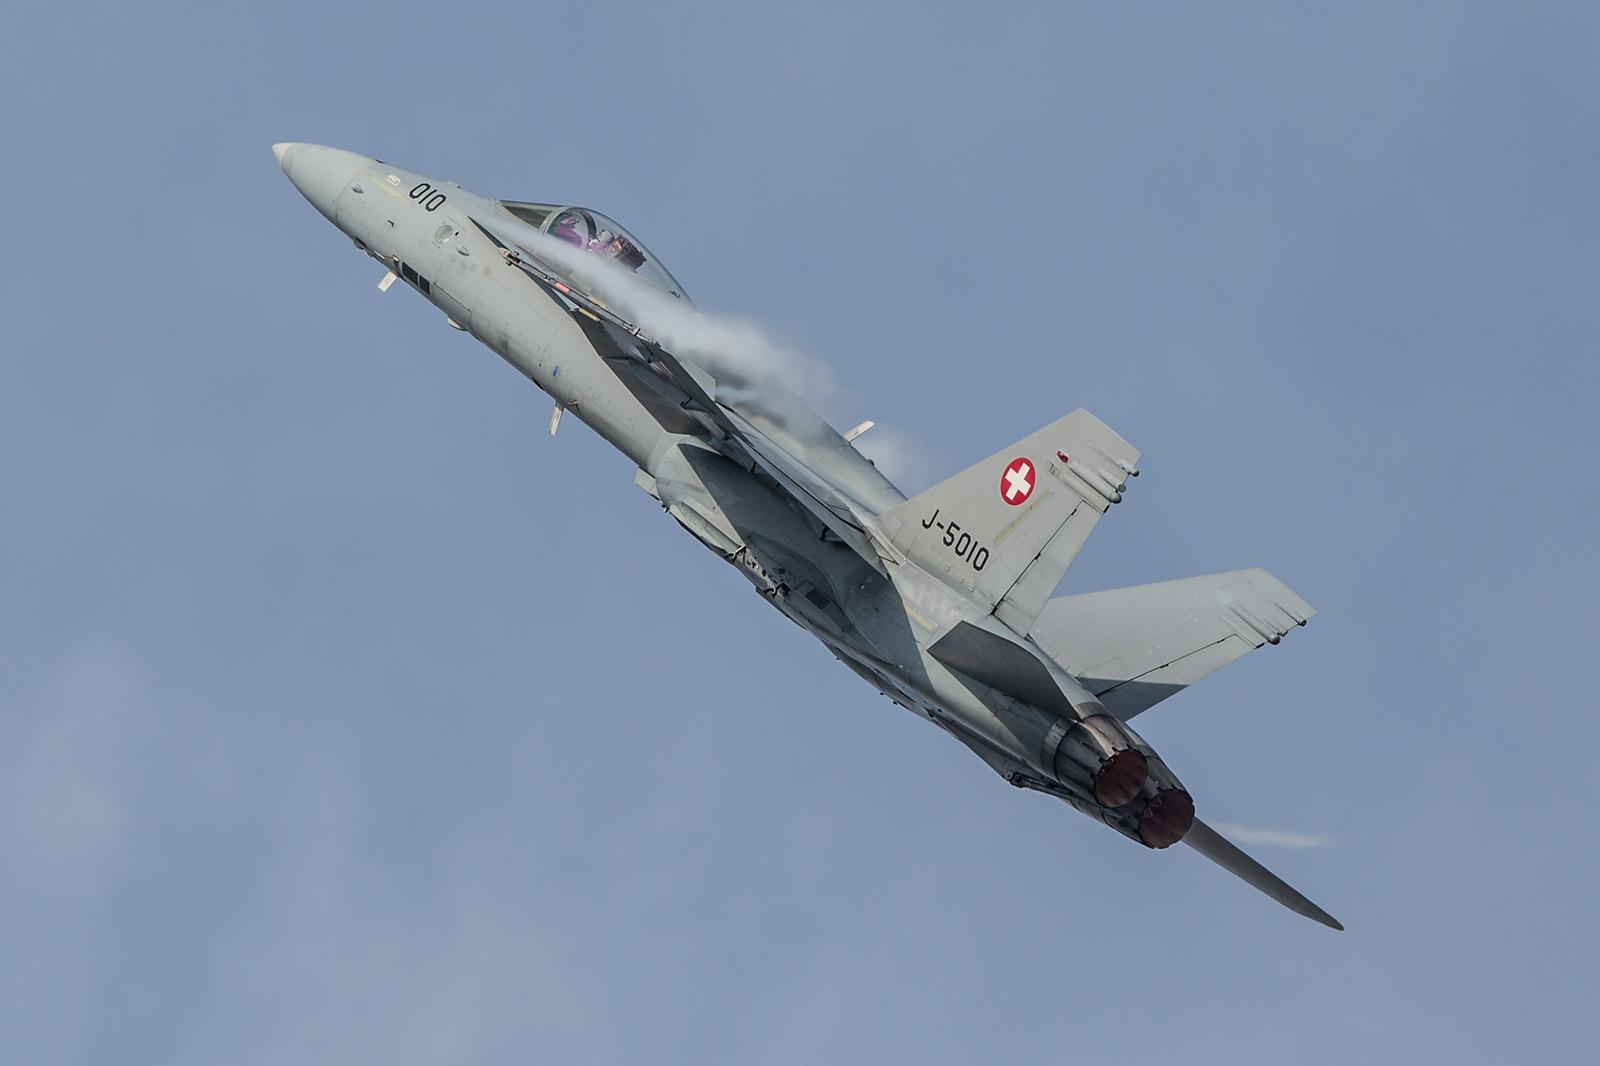 Auch die schweizer F-18 kommen langsam in die Jahre, man darf gespannt sein ob und welchen Ersatz es geben wird.